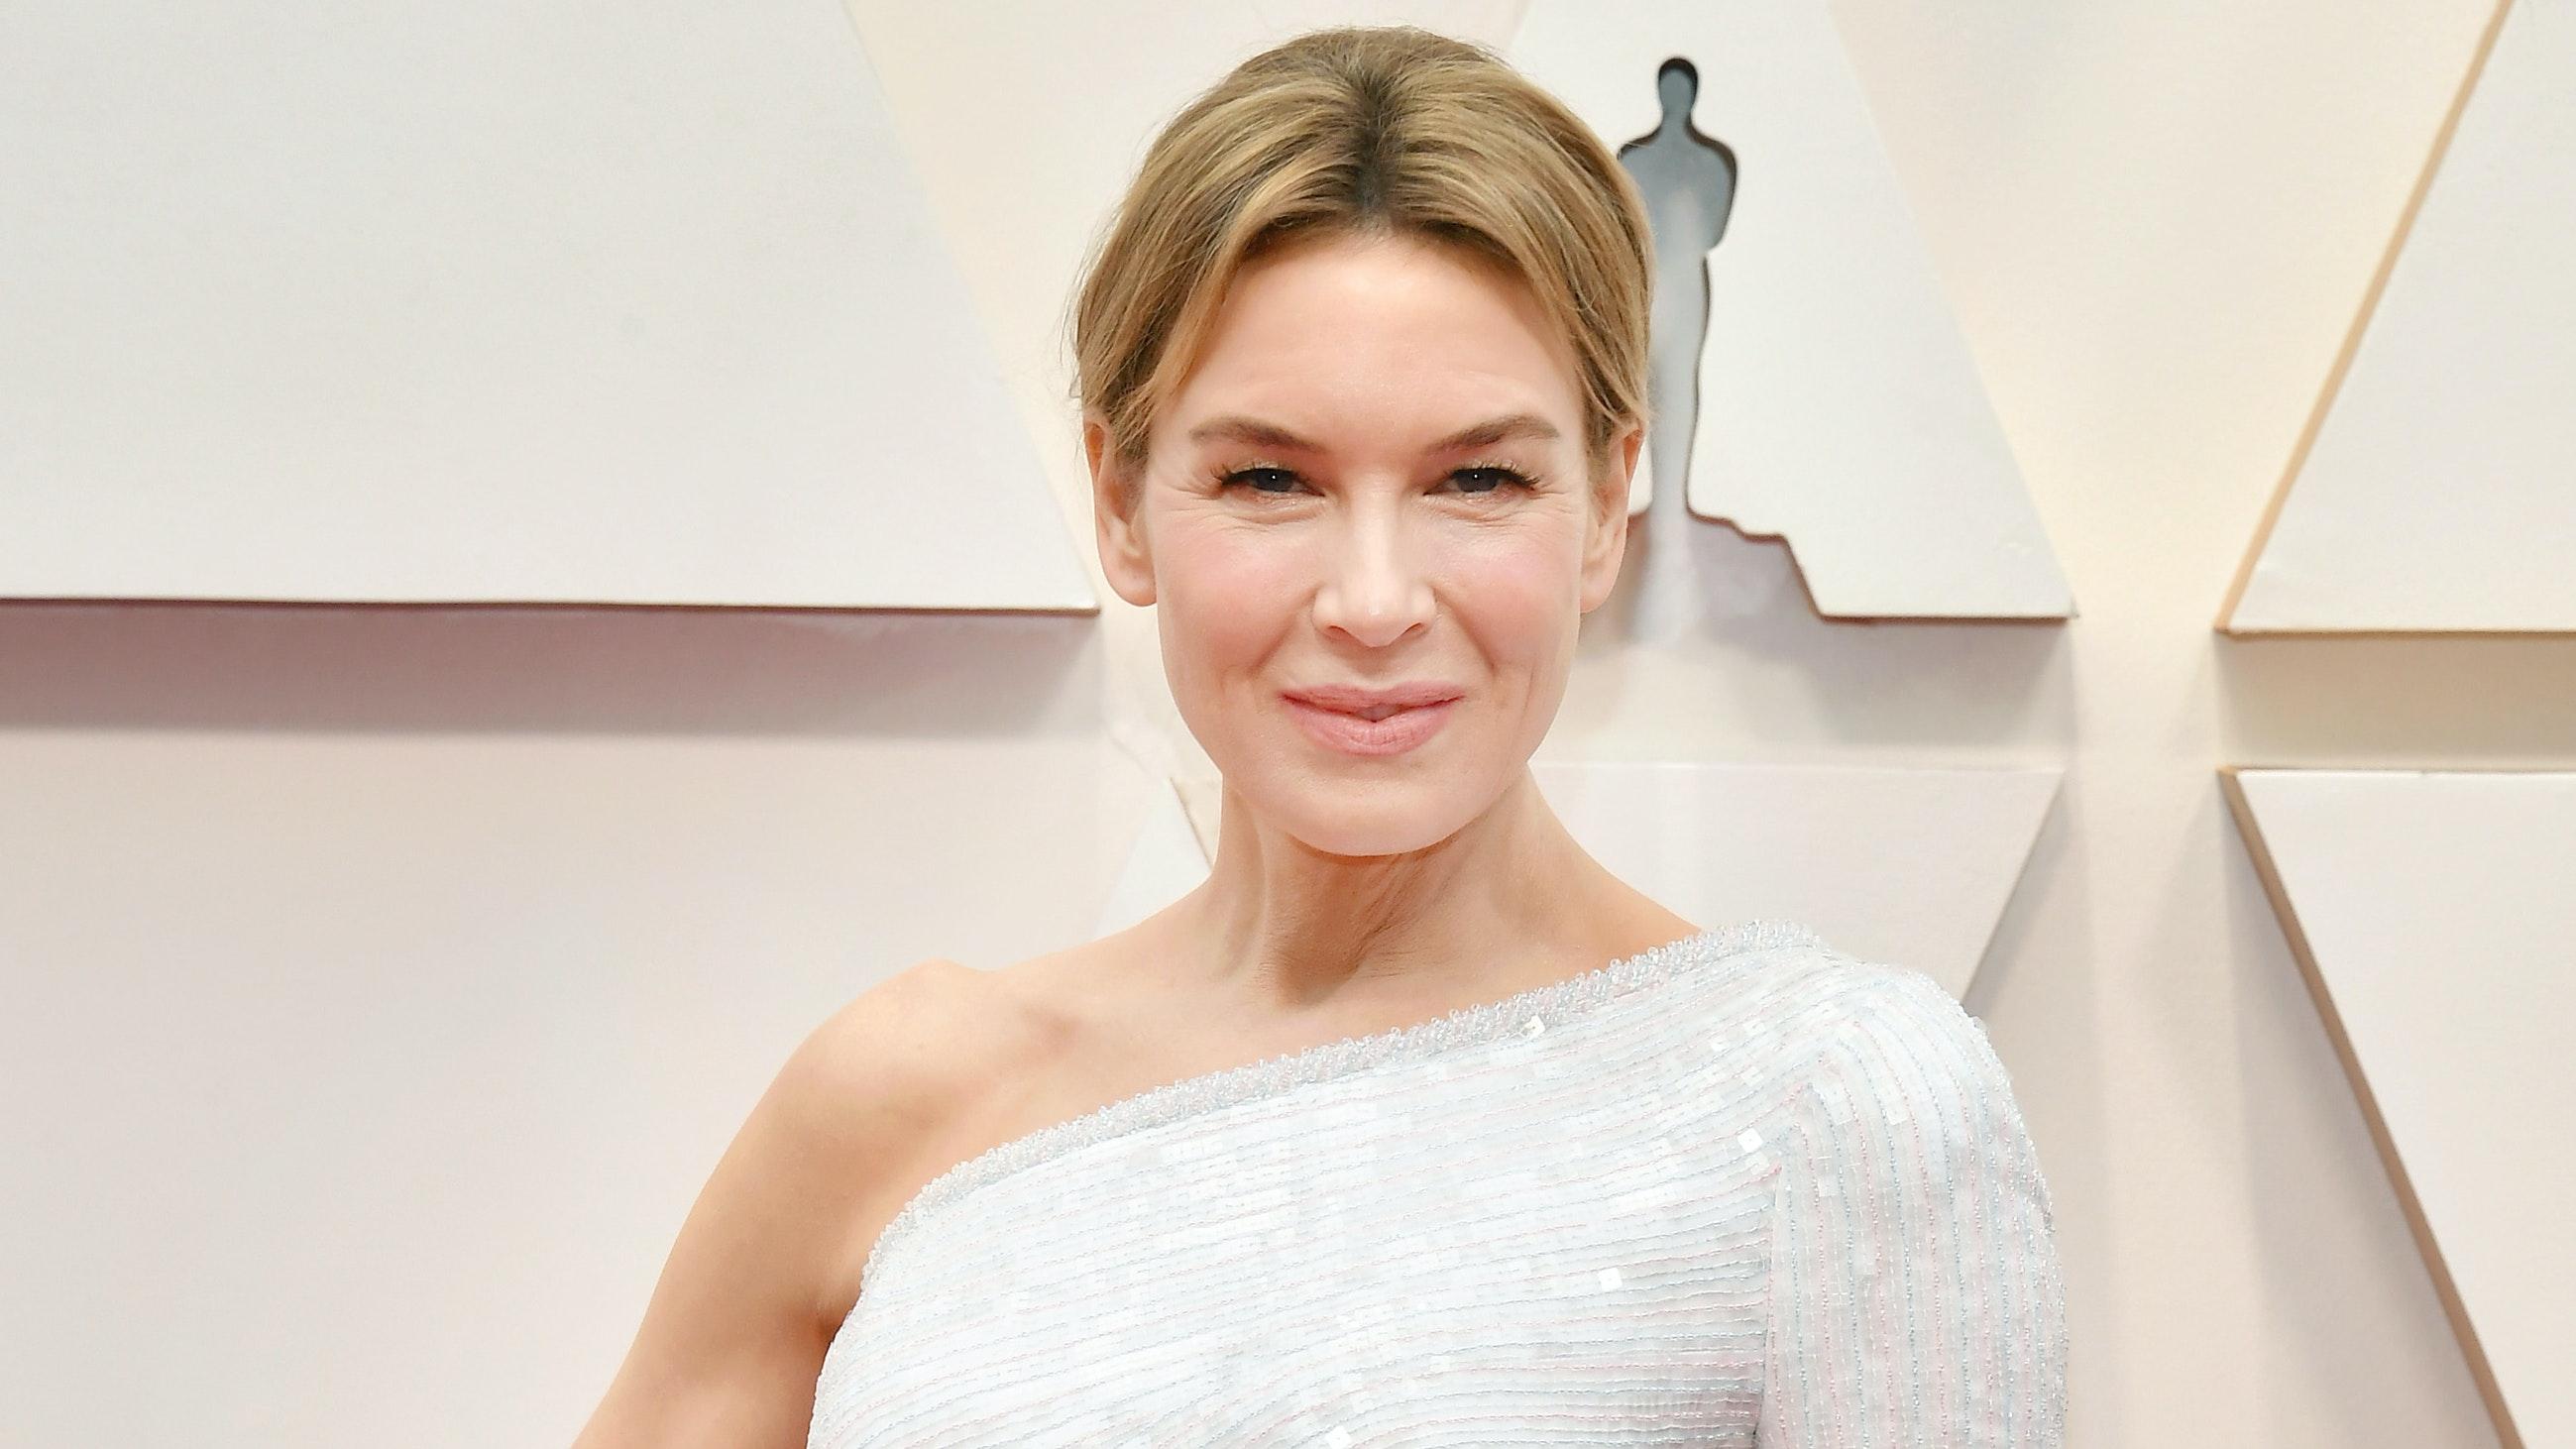 Renée Zellweger's hair and makeup at the 2020 Oscars